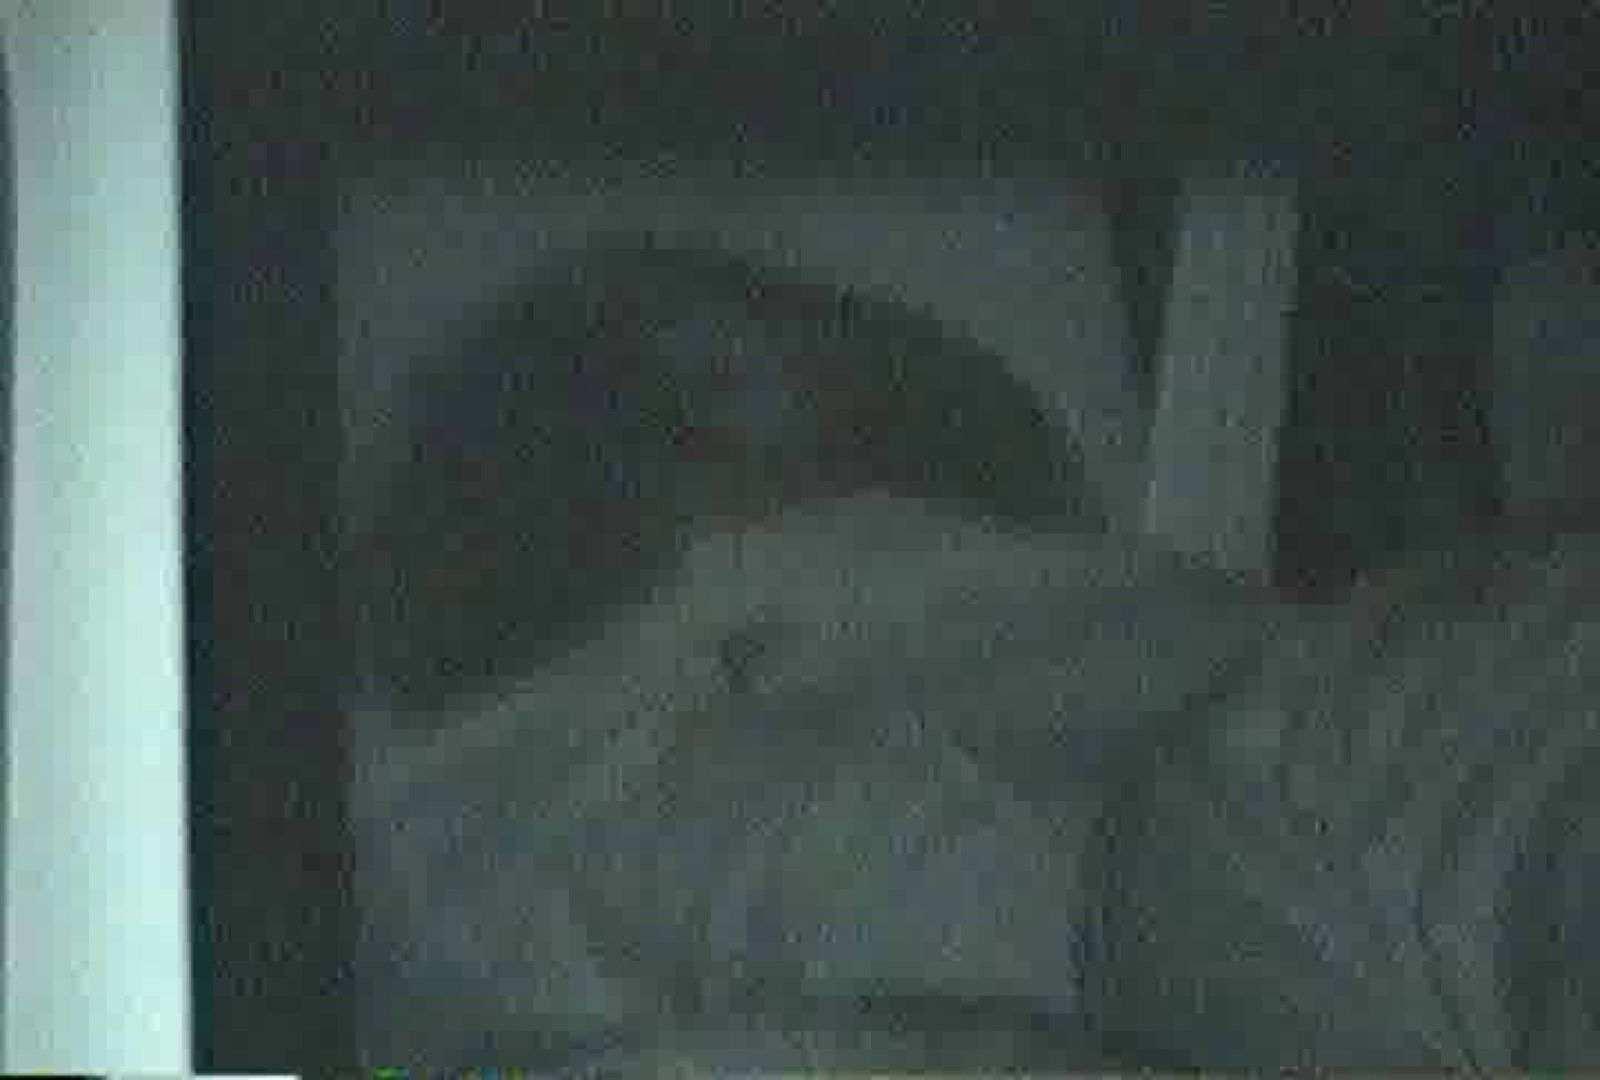 充血監督の深夜の運動会Vol.112 OLエロ画像 盗み撮りAV無料動画キャプチャ 83PICs 51